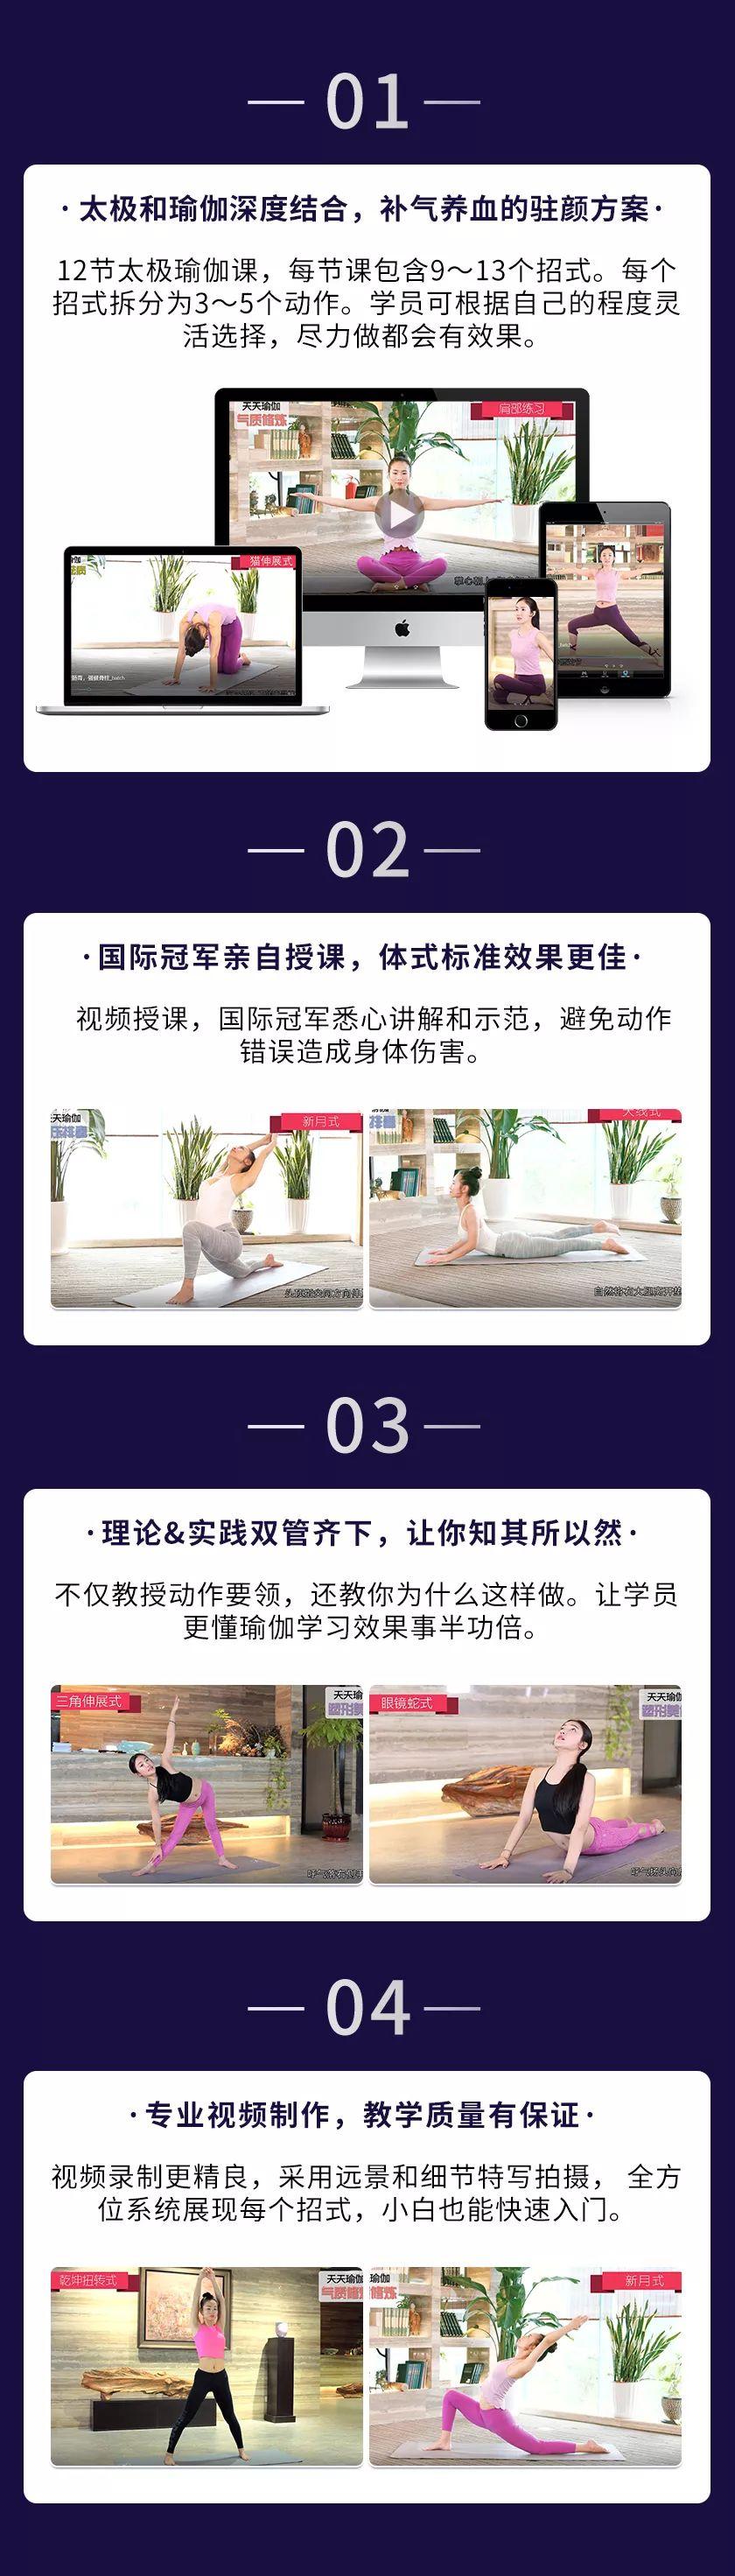 国际太极瑜伽总冠军:12堂精致女人的气血驻颜操,让你减龄减压绽放光彩-第24张图片-爱课啦